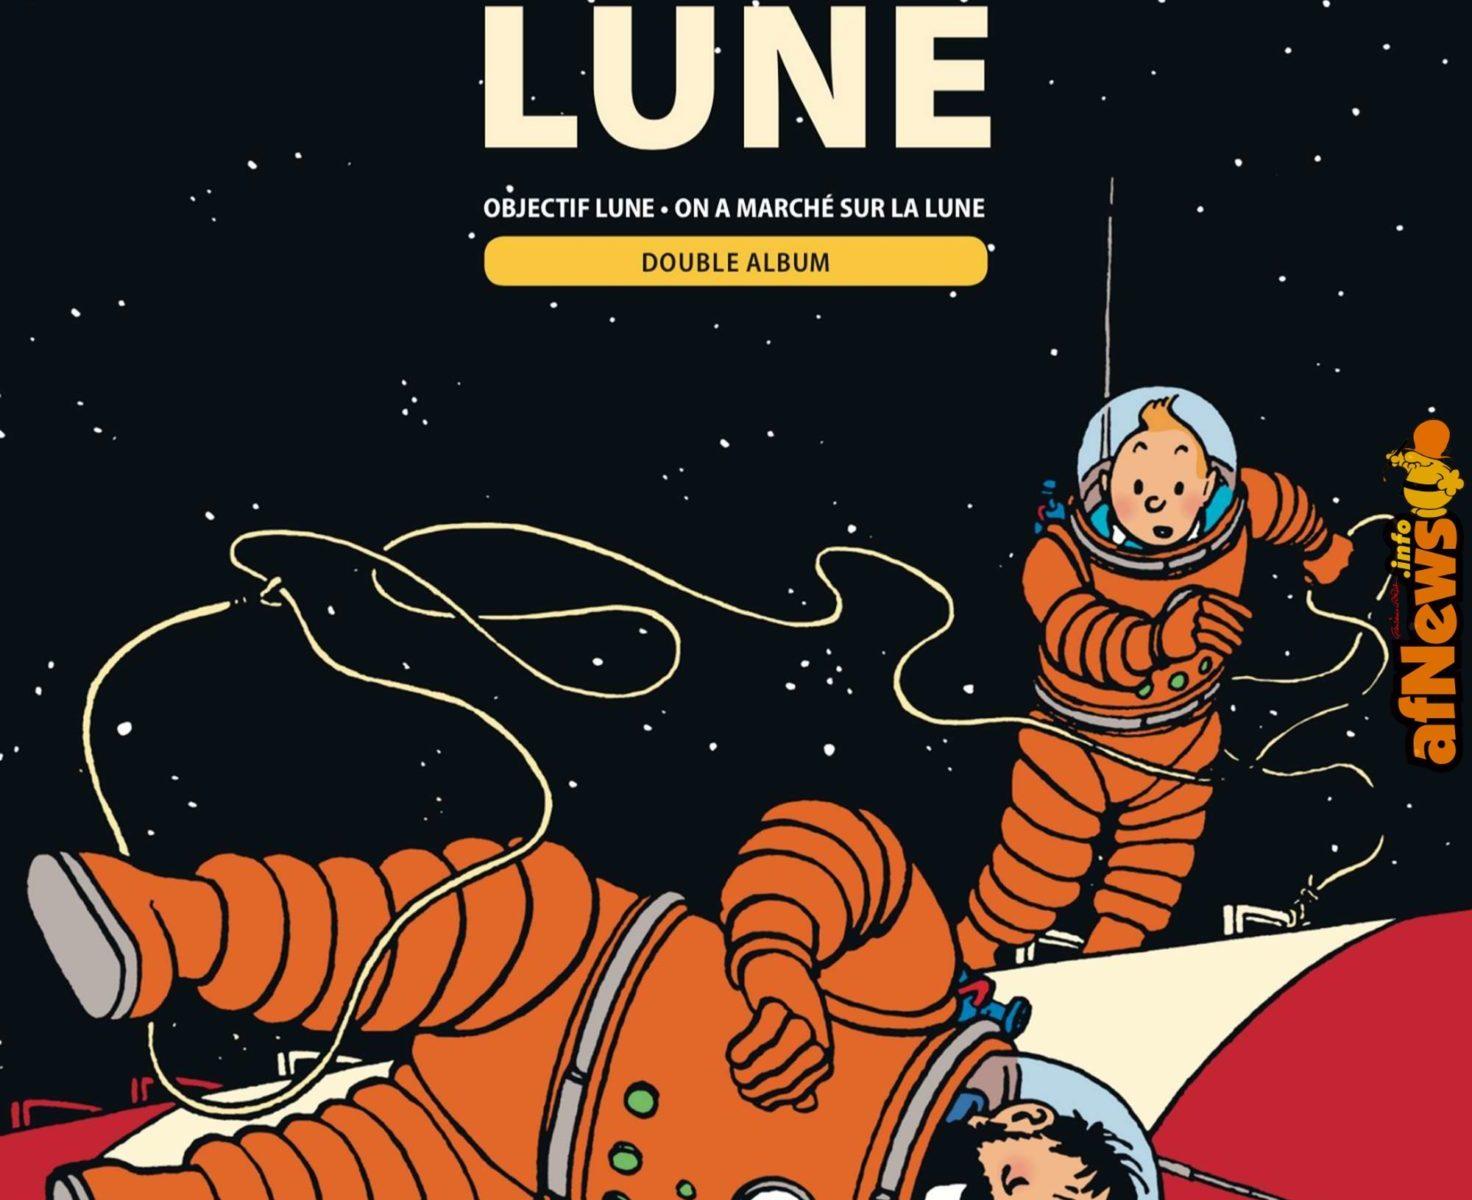 Calendario Lunare Capelli Marzo 2020.Tintin E La Luna Nuova Edizione Per L Anniversario Dello